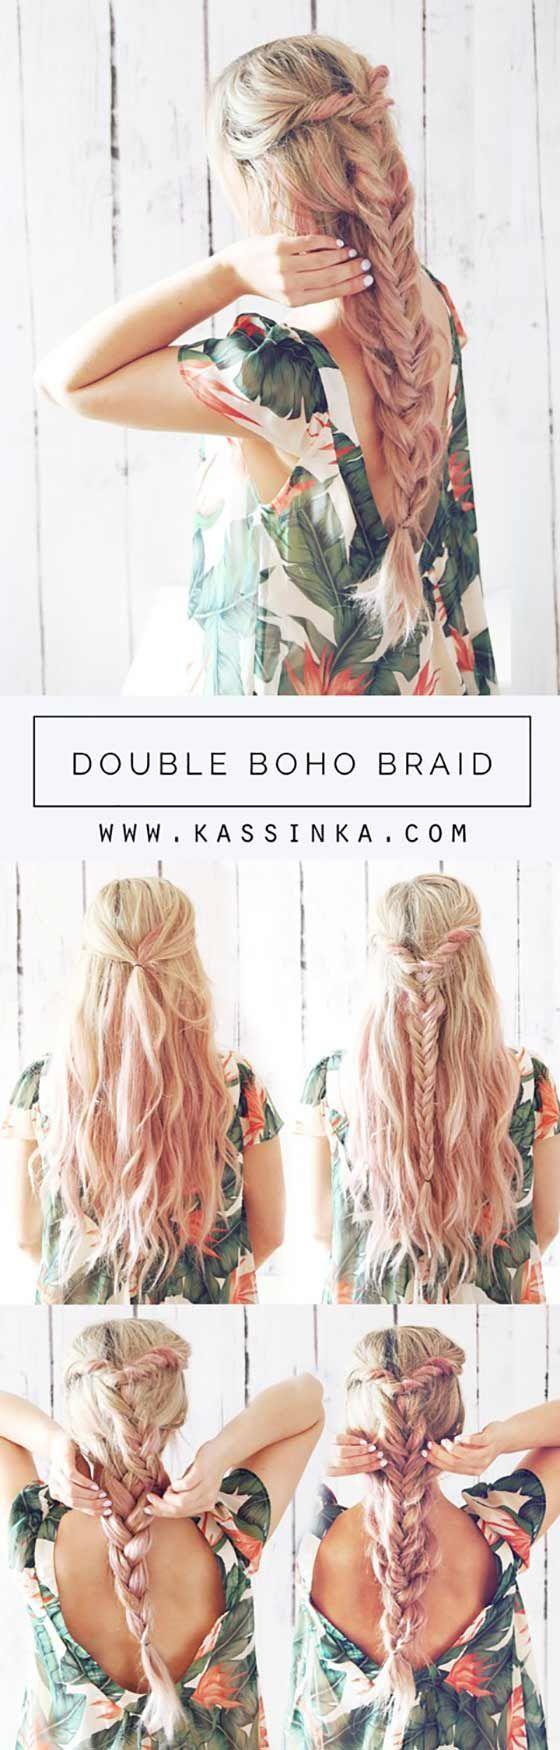 Braided Hairstyles For Long Hair - Double Boho Braid | Hair Braid ...